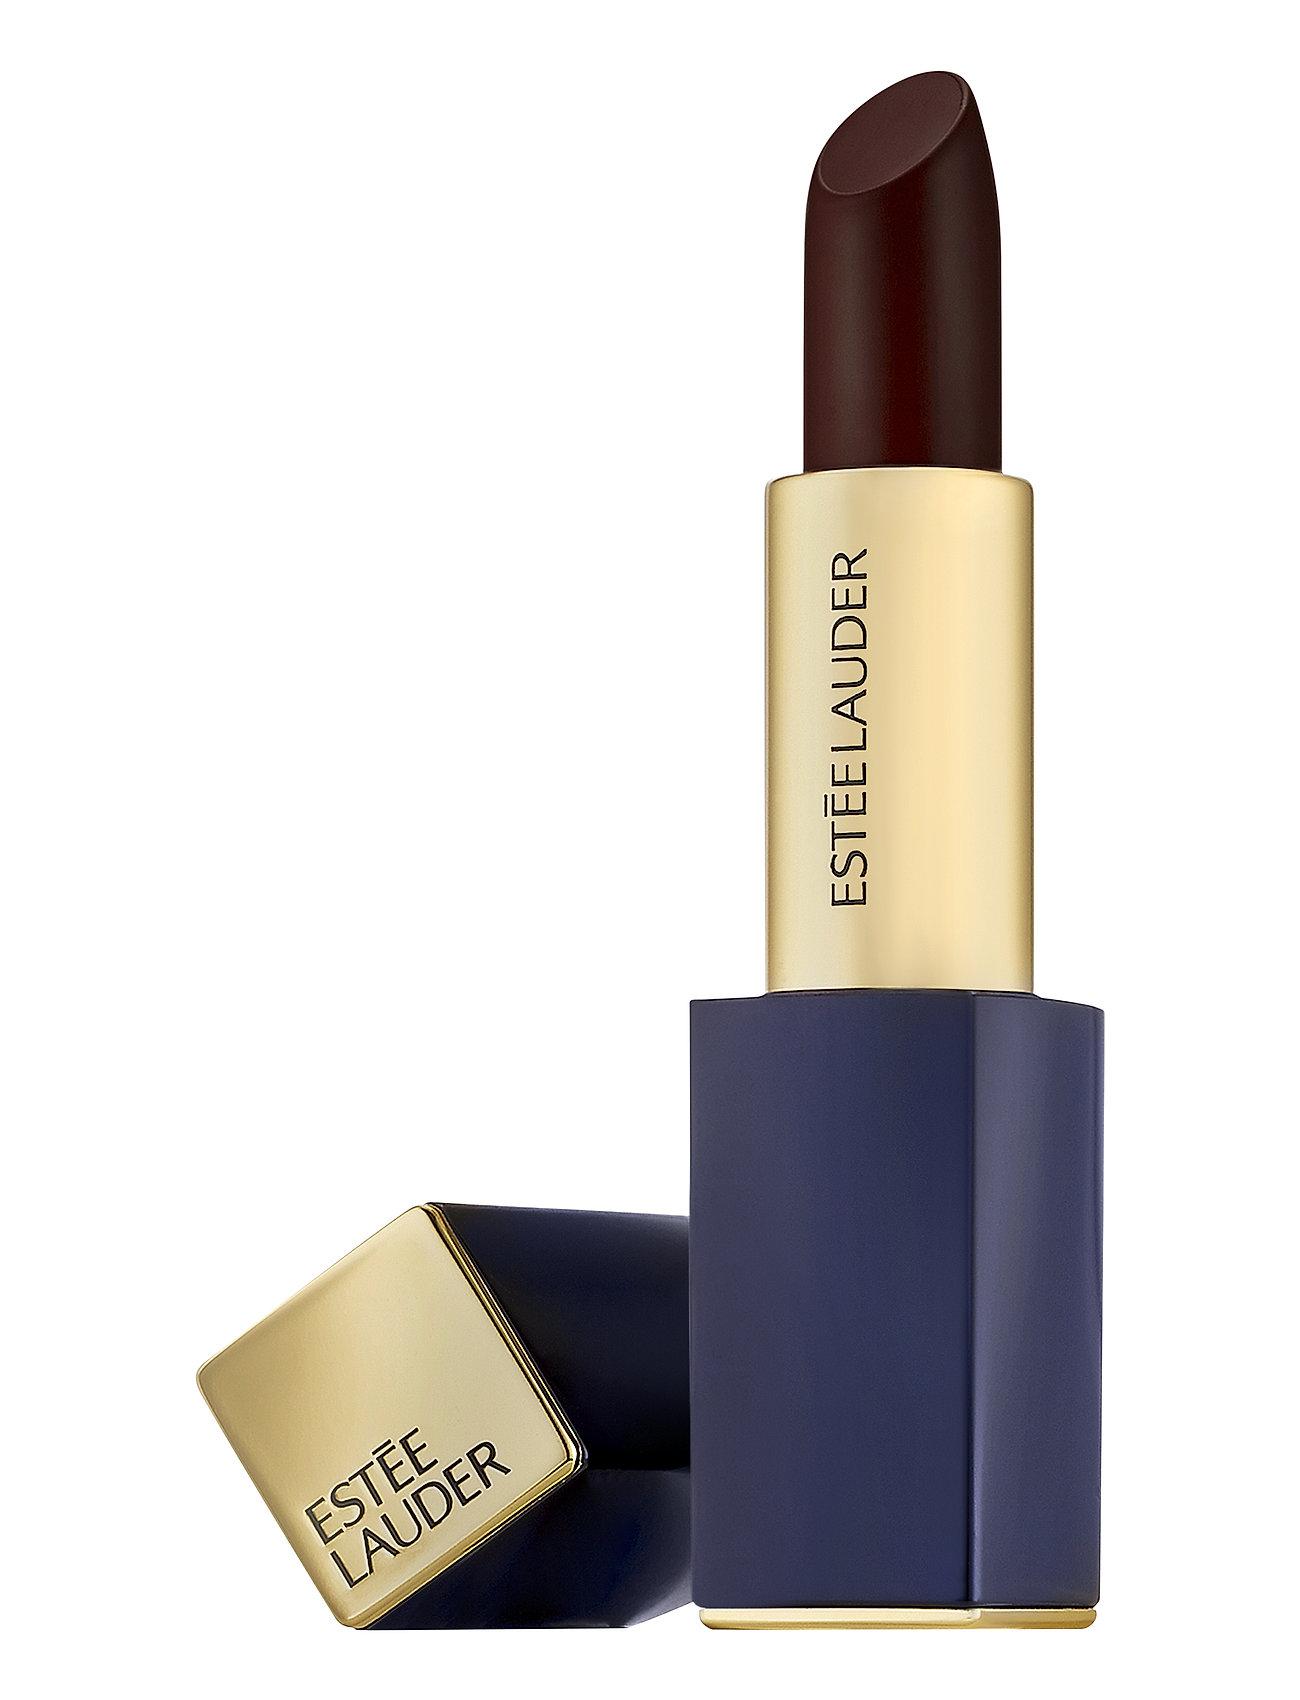 Estée Lauder Pure Color Envy Sculpting Lipstick - 460 Brazen